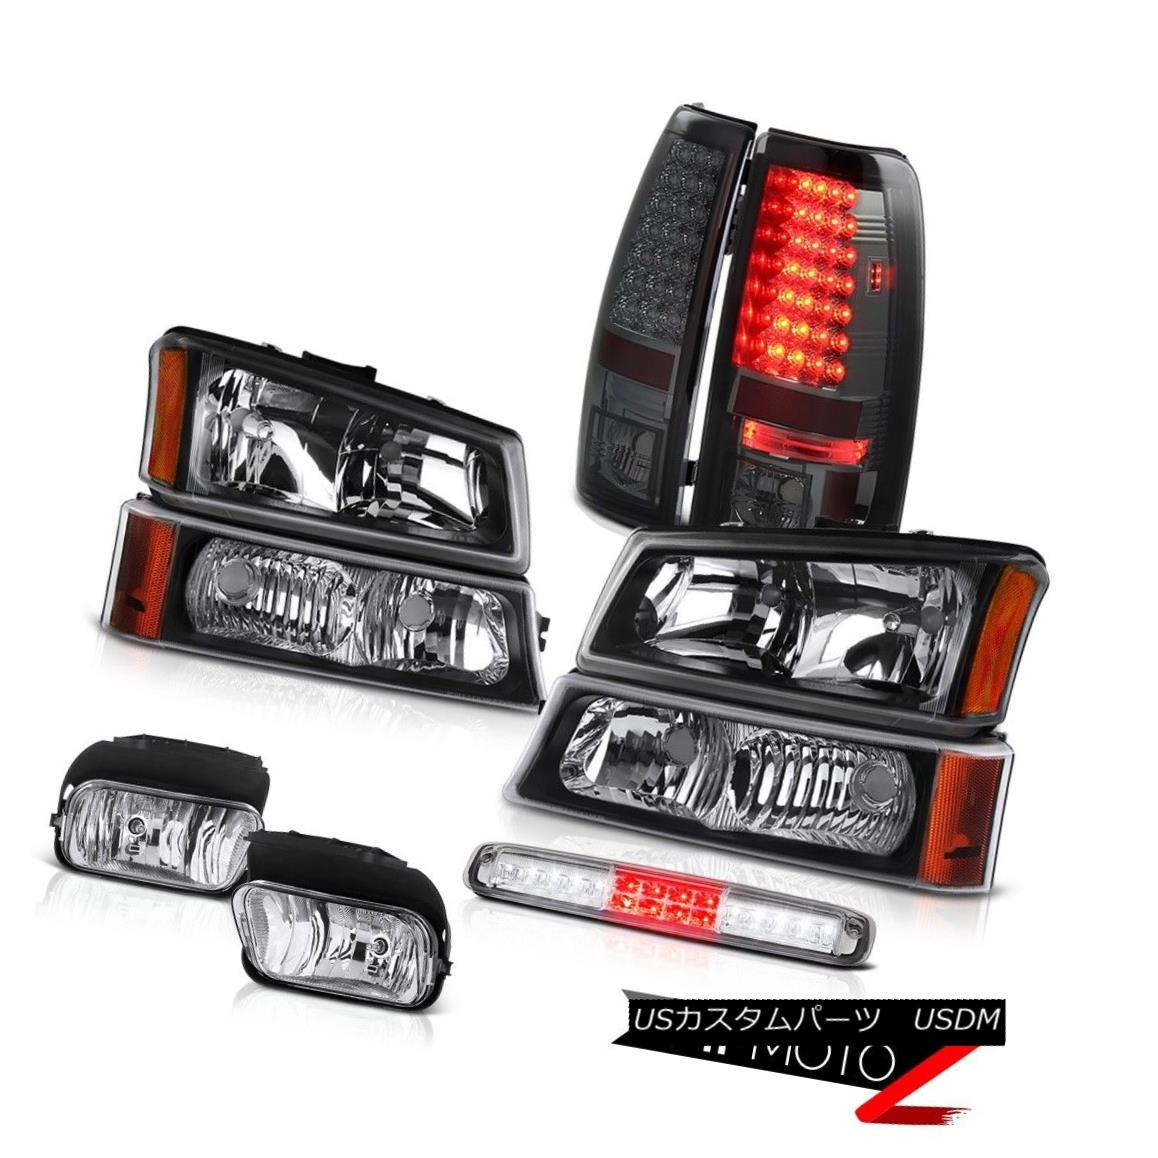 テールライト 03-06 Silverado Fog Lights Black Signal Lamp Third Brake Headlamps Rear Lamps 03-06 Silveradoフォグライトブラックシグナルランプサードブレーキヘッドランプリアランプ